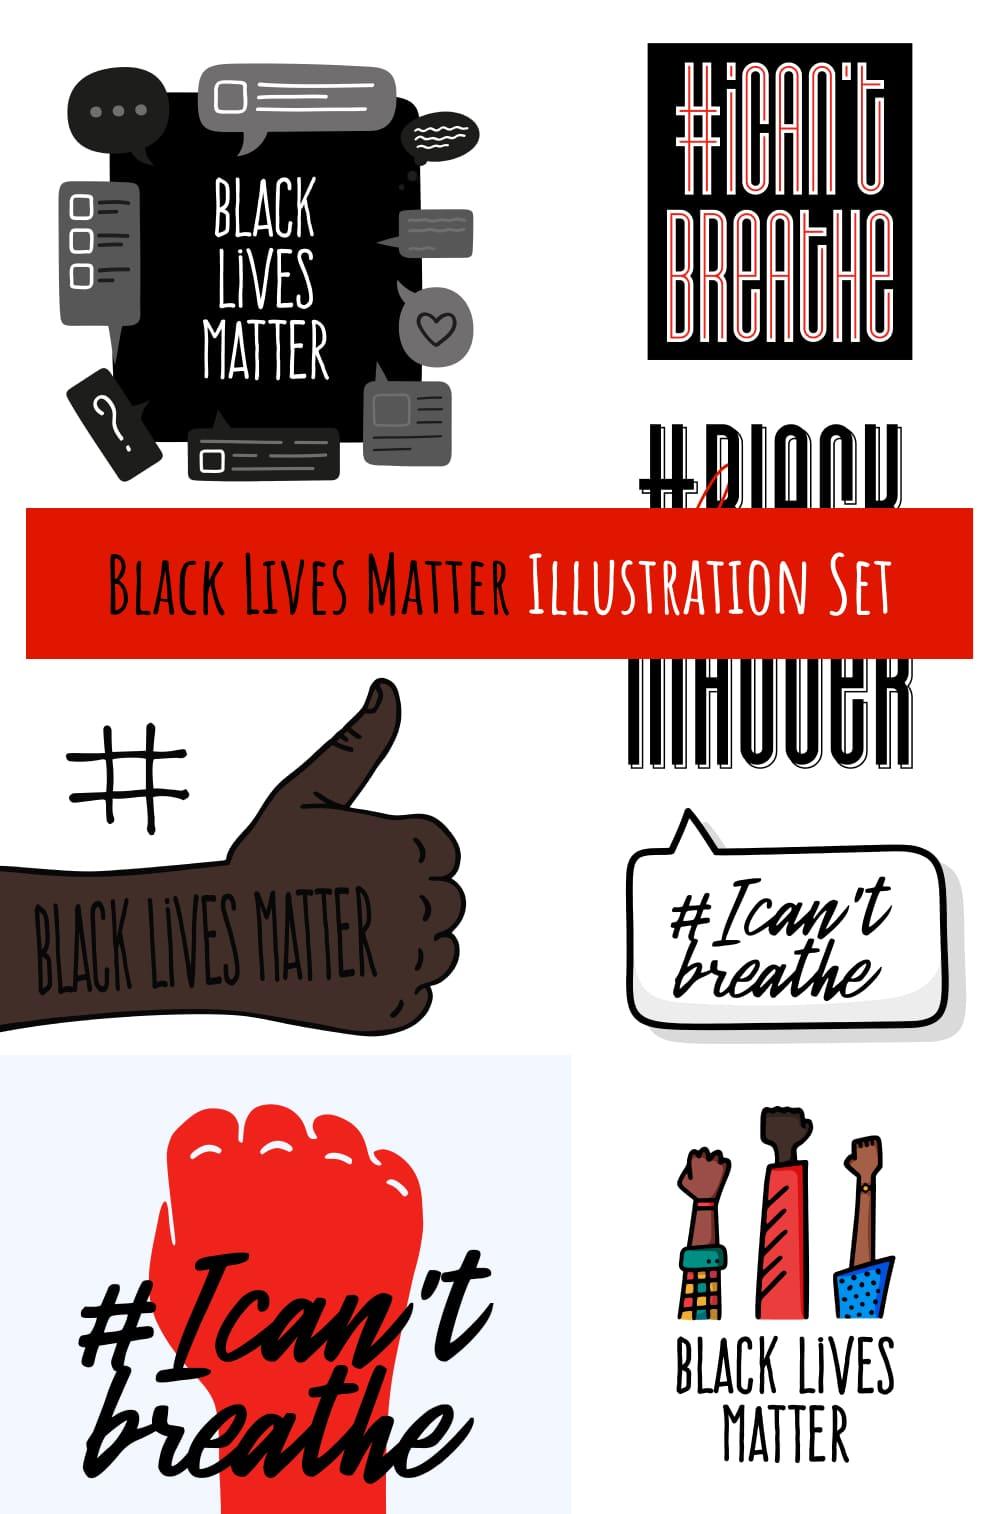 Black Lives Matter Illustration Set Pinterest.